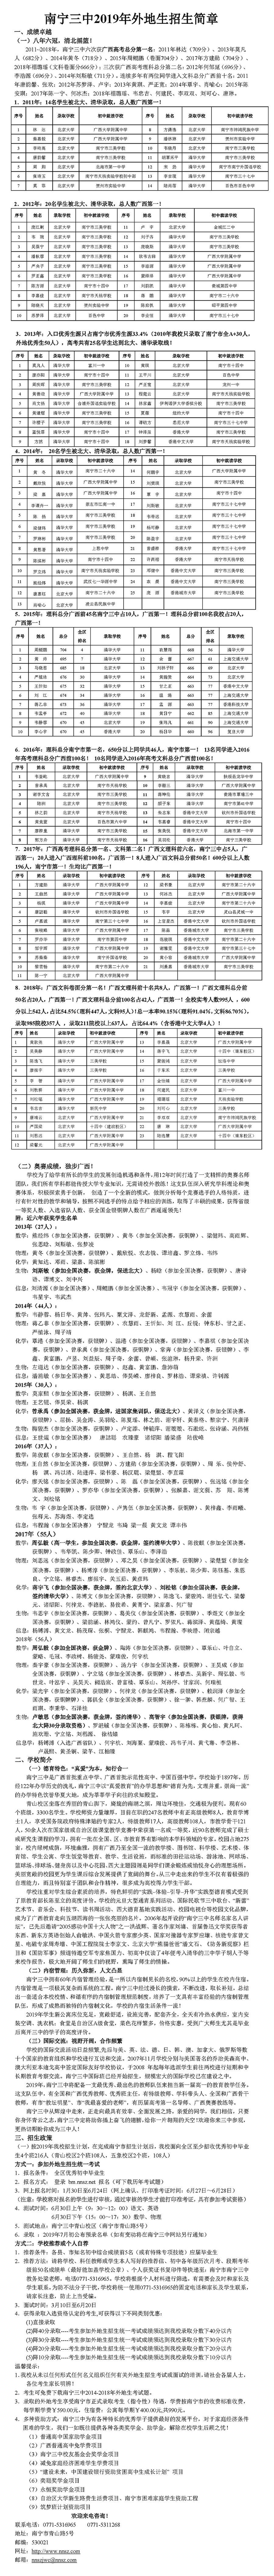 南宁三中2019年外地生招生简章.jpg